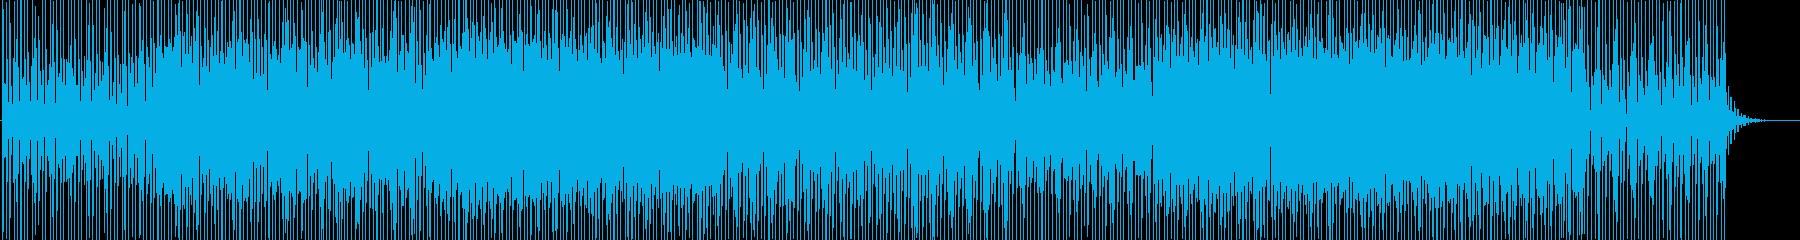 PV-テクノロジー-ニュース-未来-科学の再生済みの波形